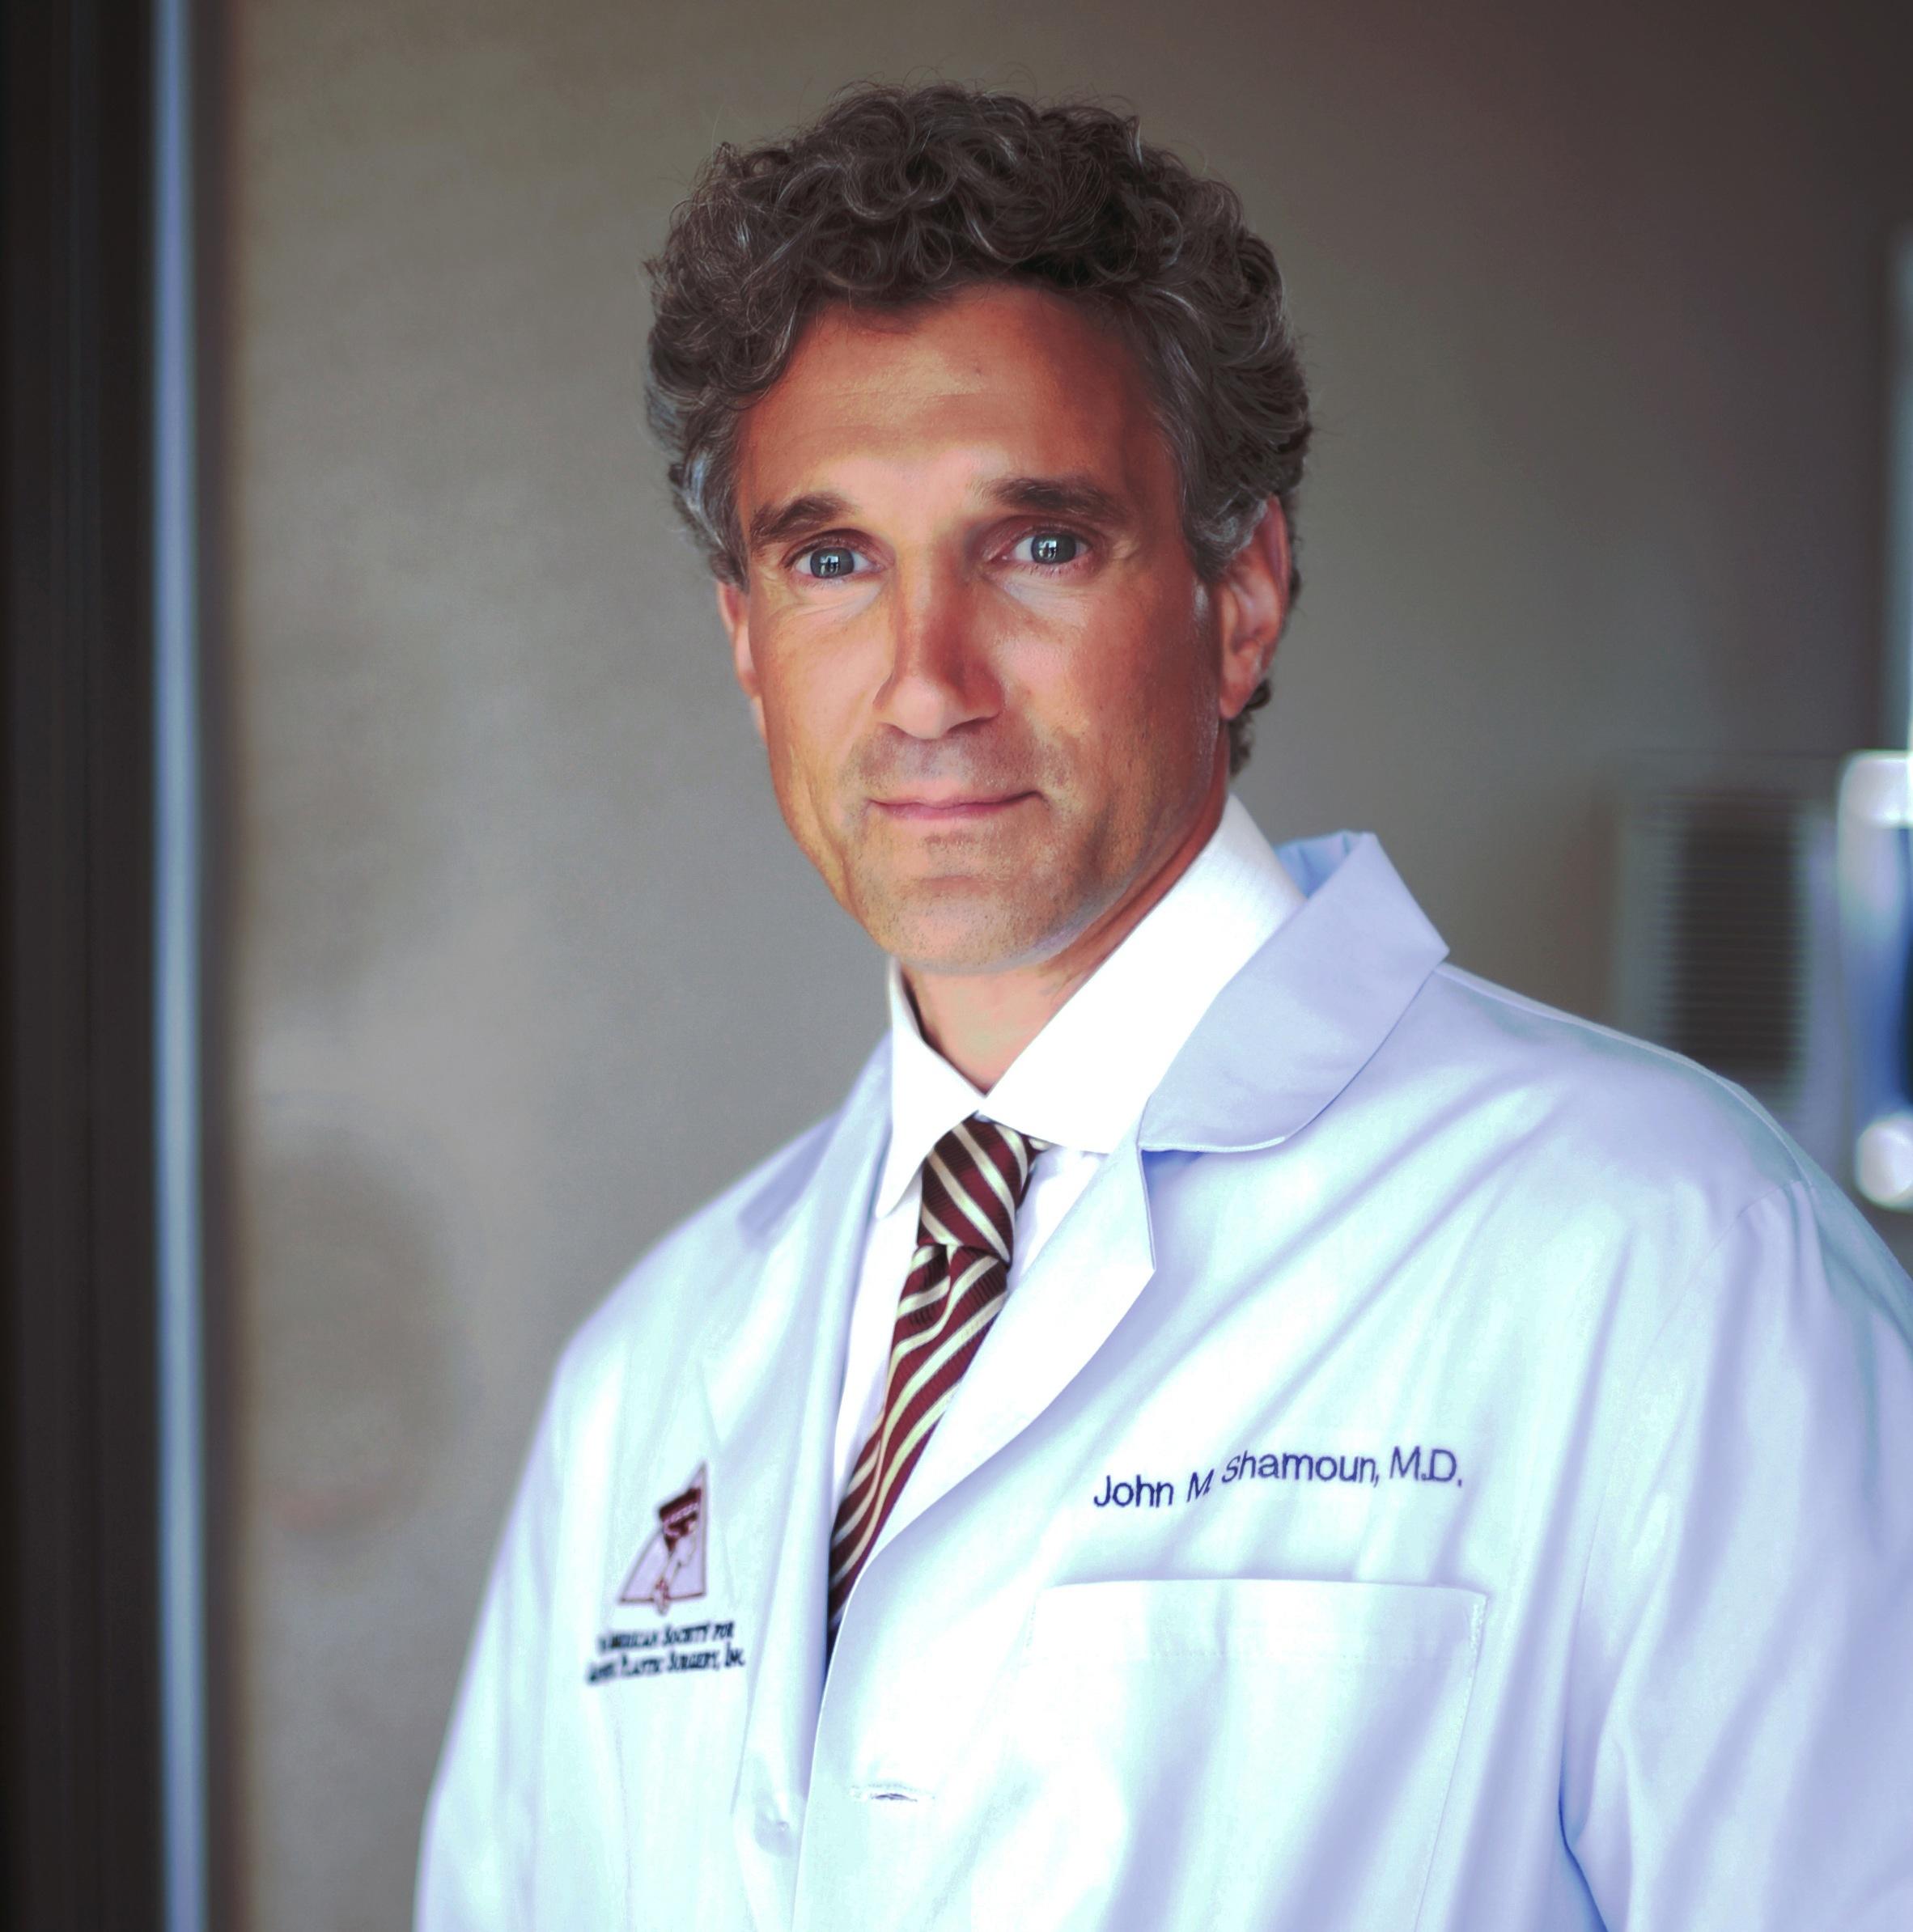 John M. Shamoun, MD, FACS